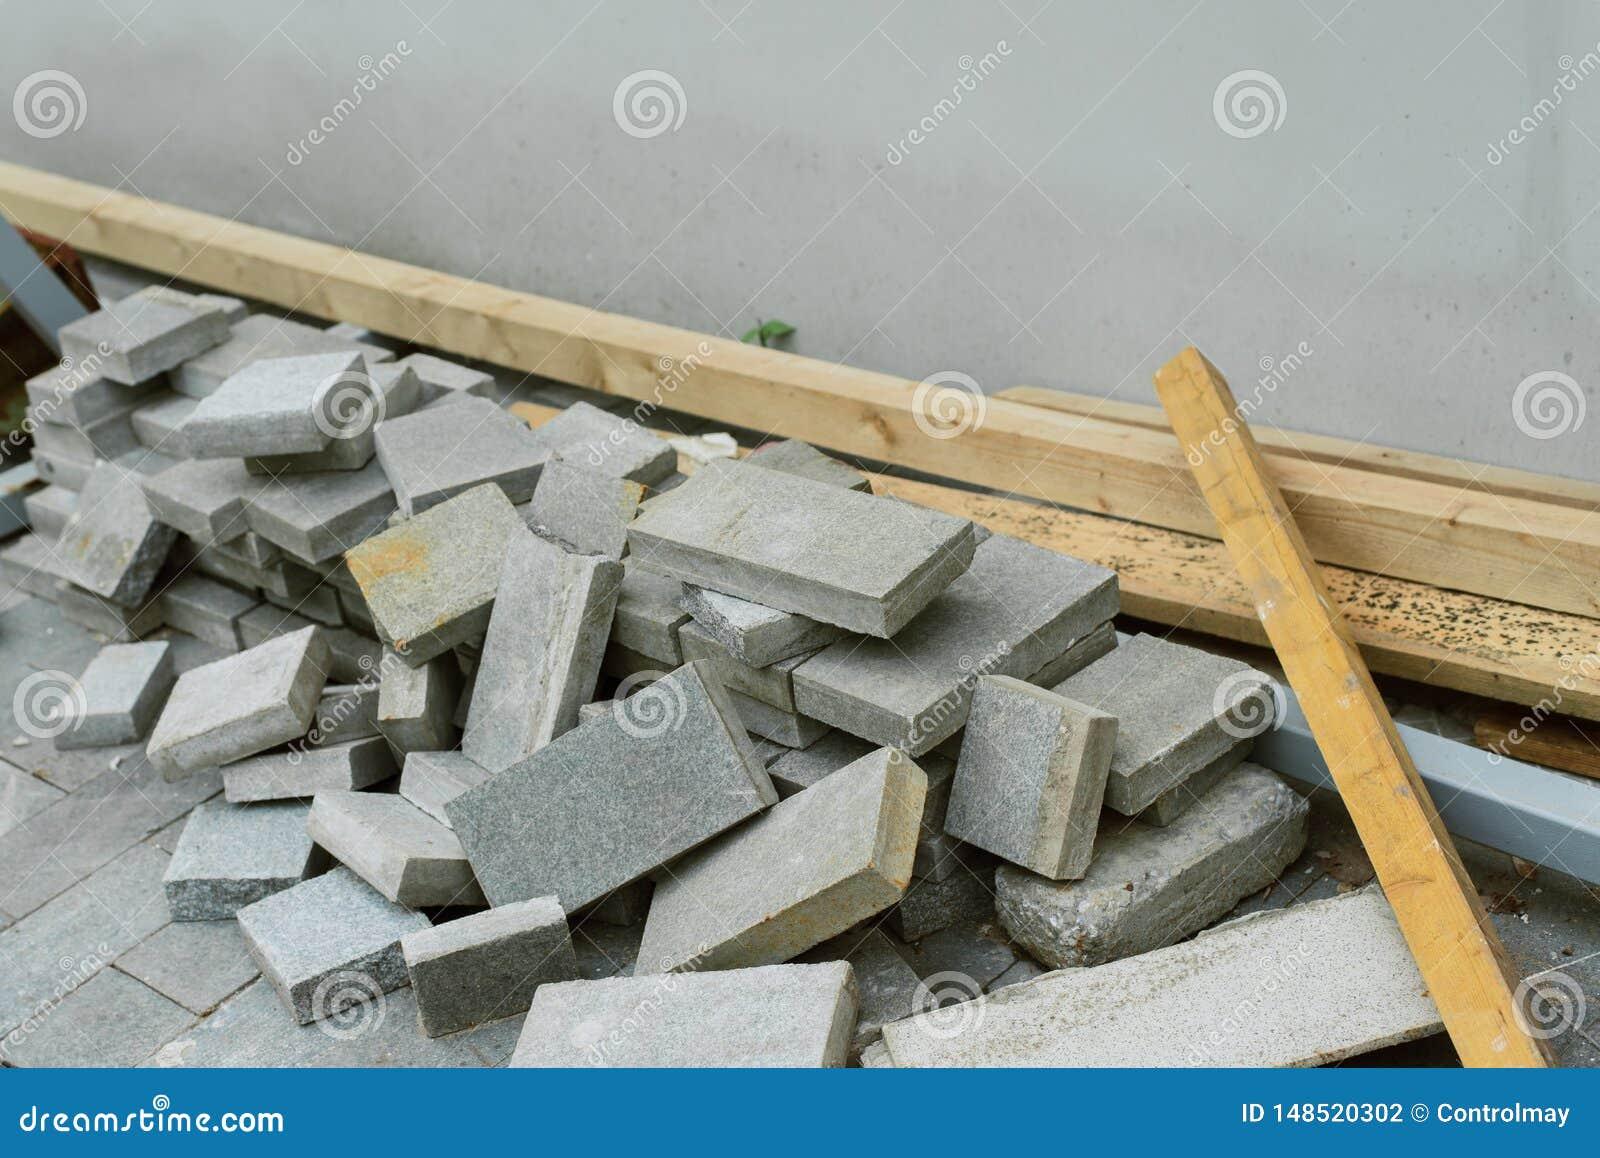 Molte lastre per pavimentazione per la riparazione delle strade pedonali